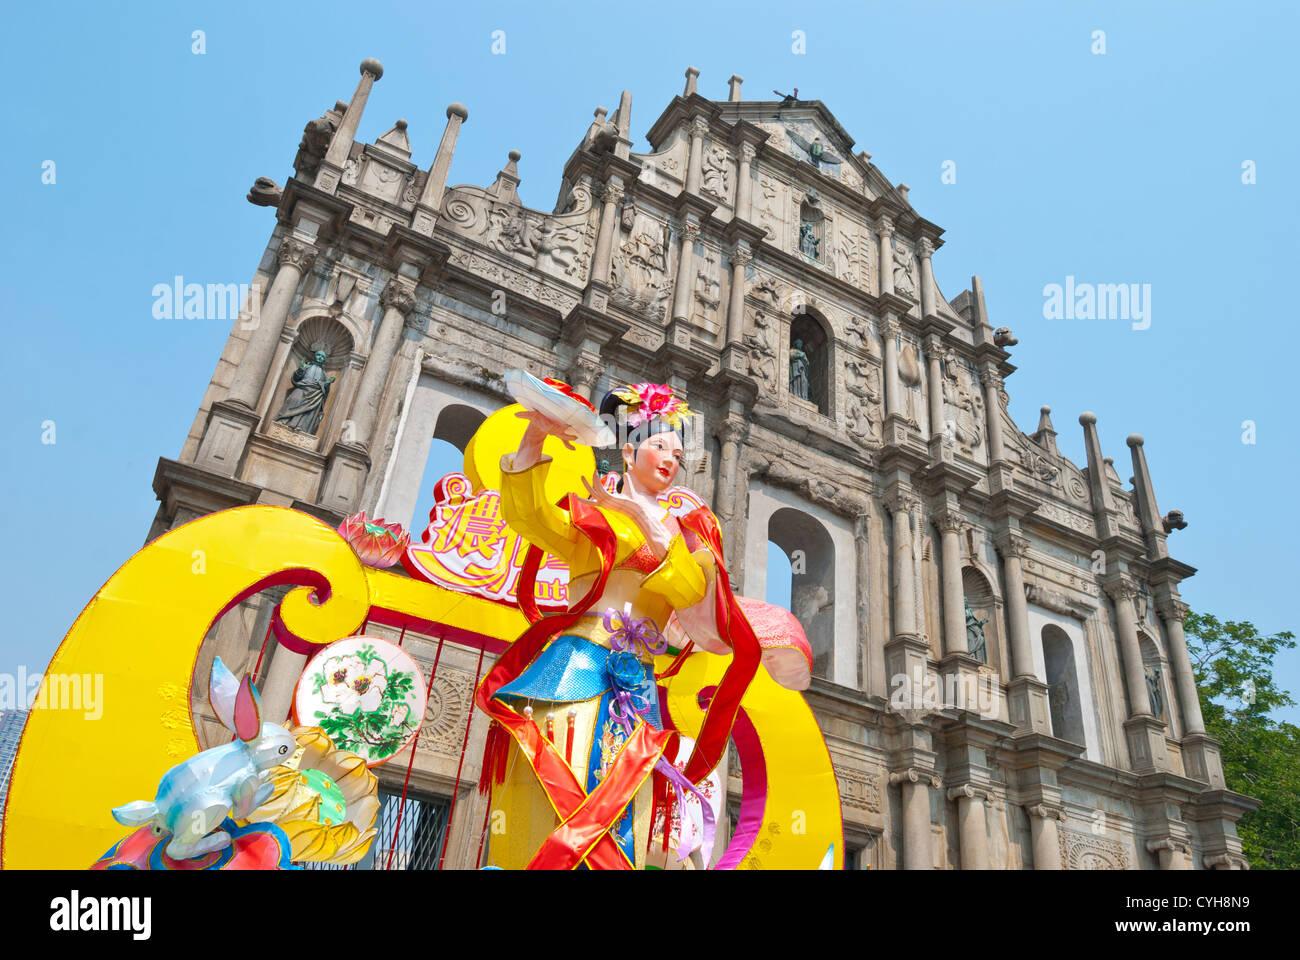 Las ruinas de St Paul's, Macao, con decoraciones Mid-Autumn Festival Imagen De Stock